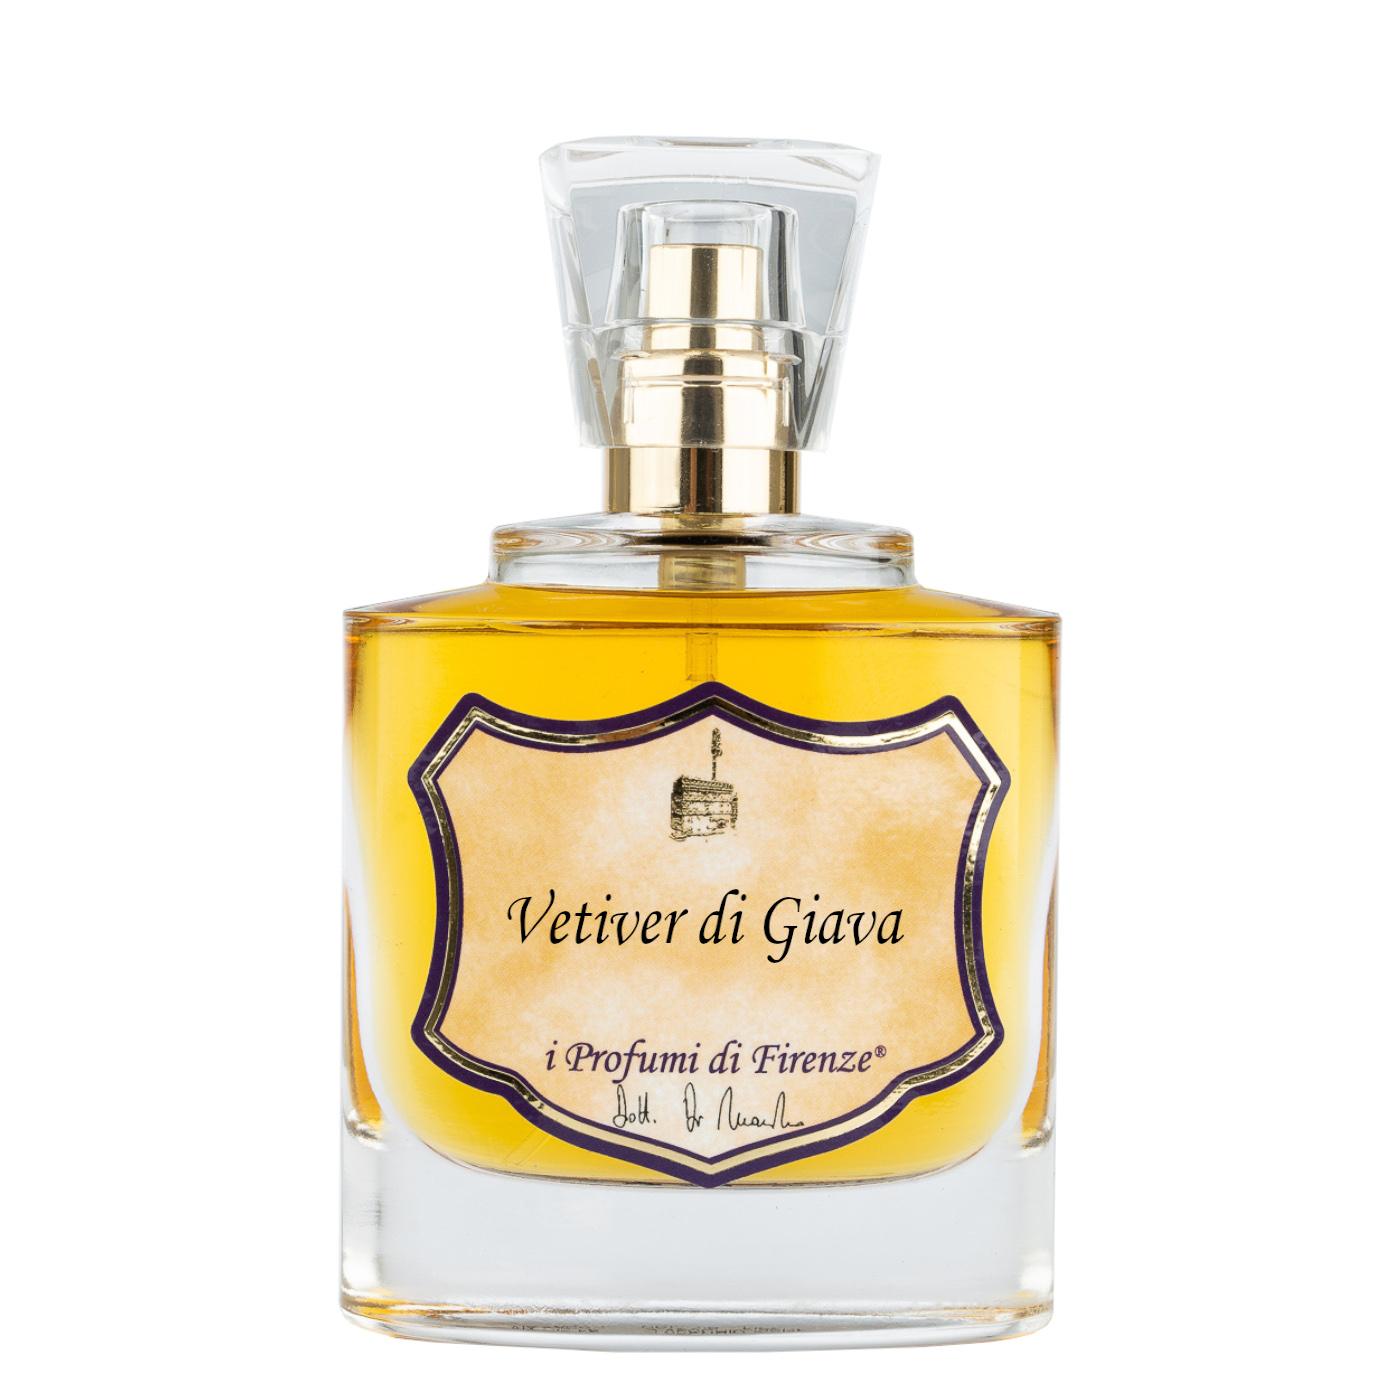 VETIVER DI GIAVA - Eau de Parfum-0